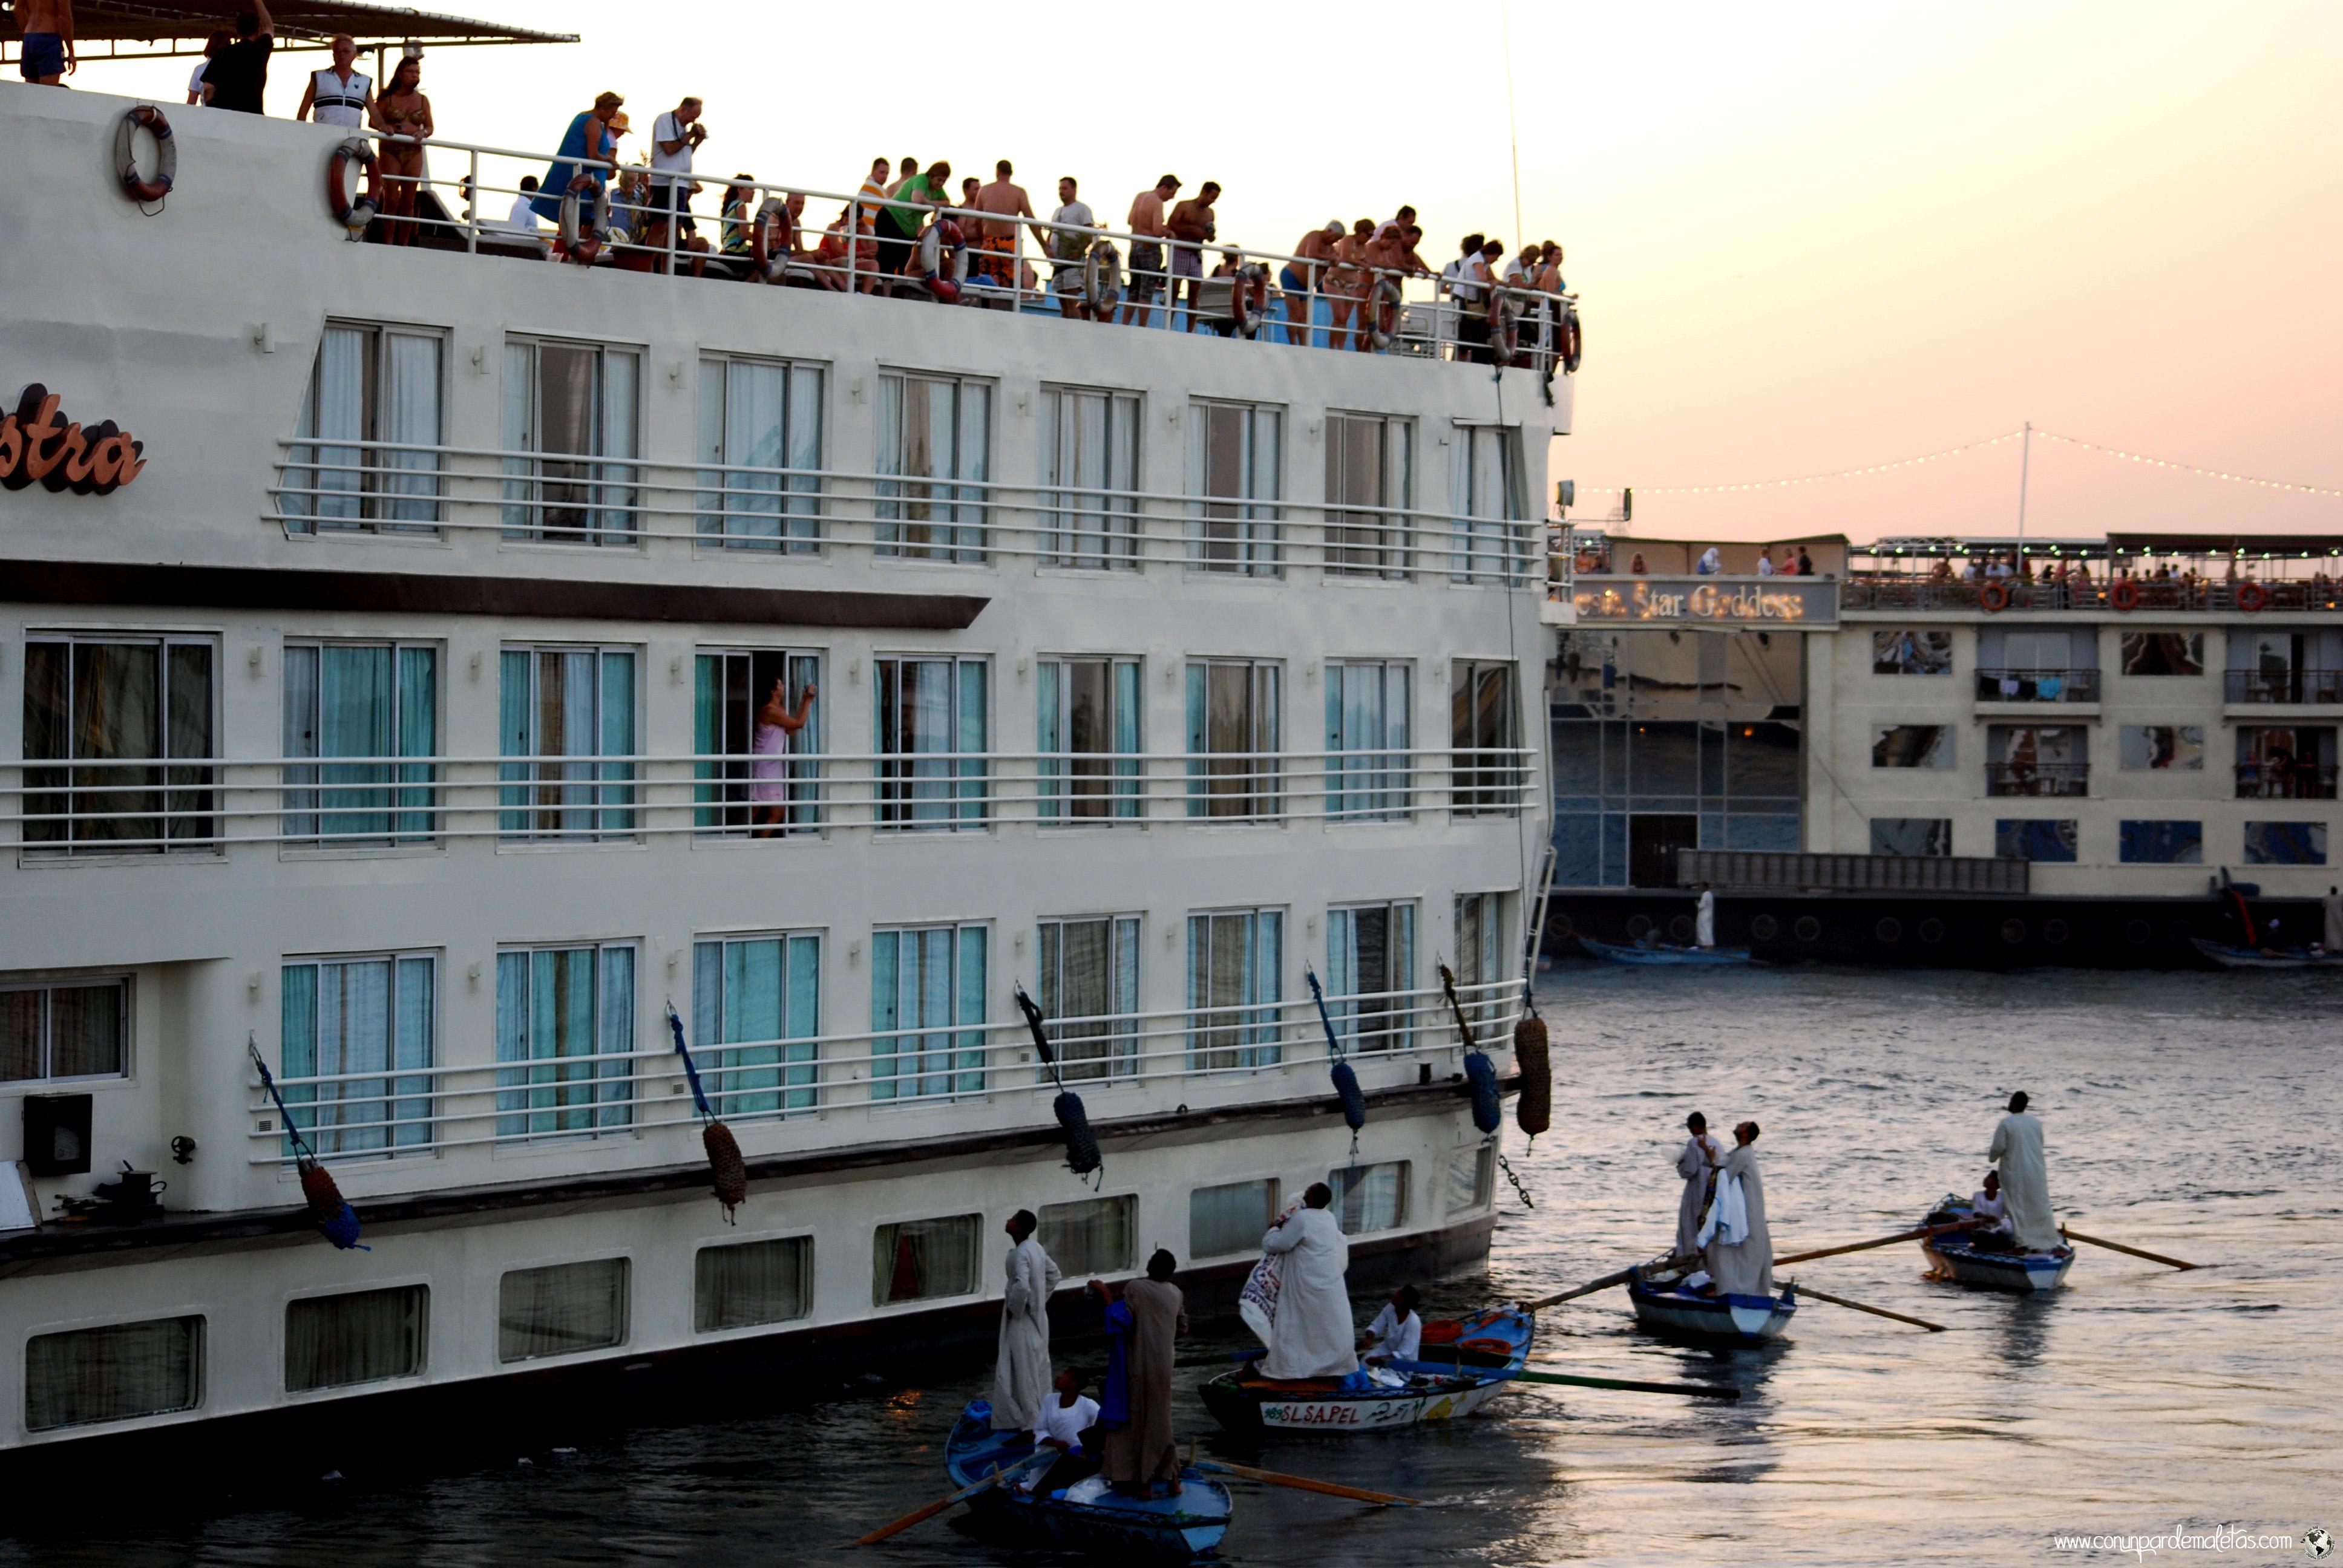 Chilabas en el río Nilo, Egipto